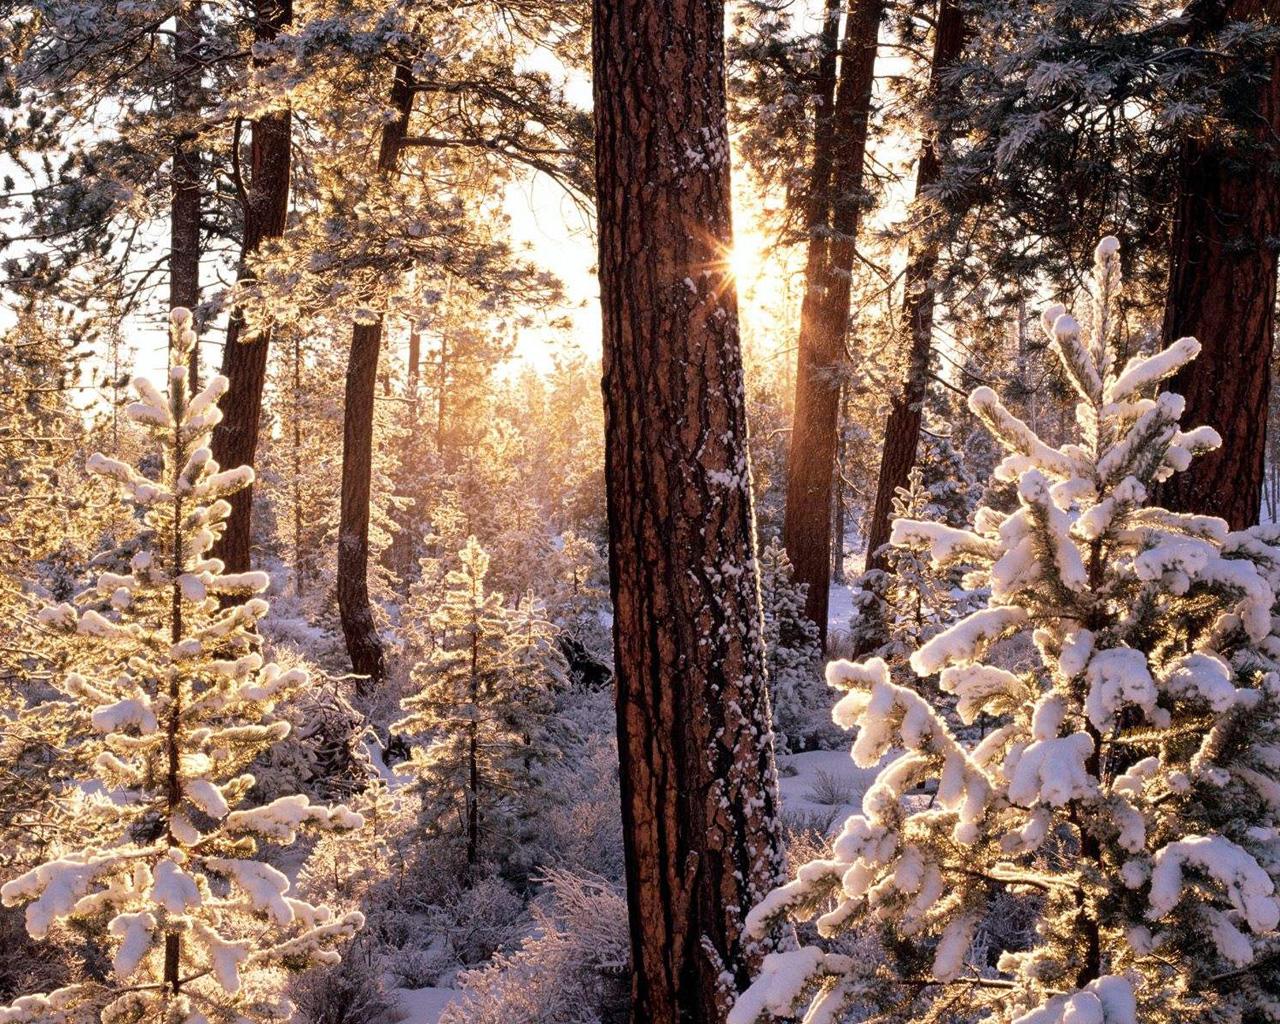 Consigli di febbraio la consapevolezza del momento for Paesaggi invernali per desktop